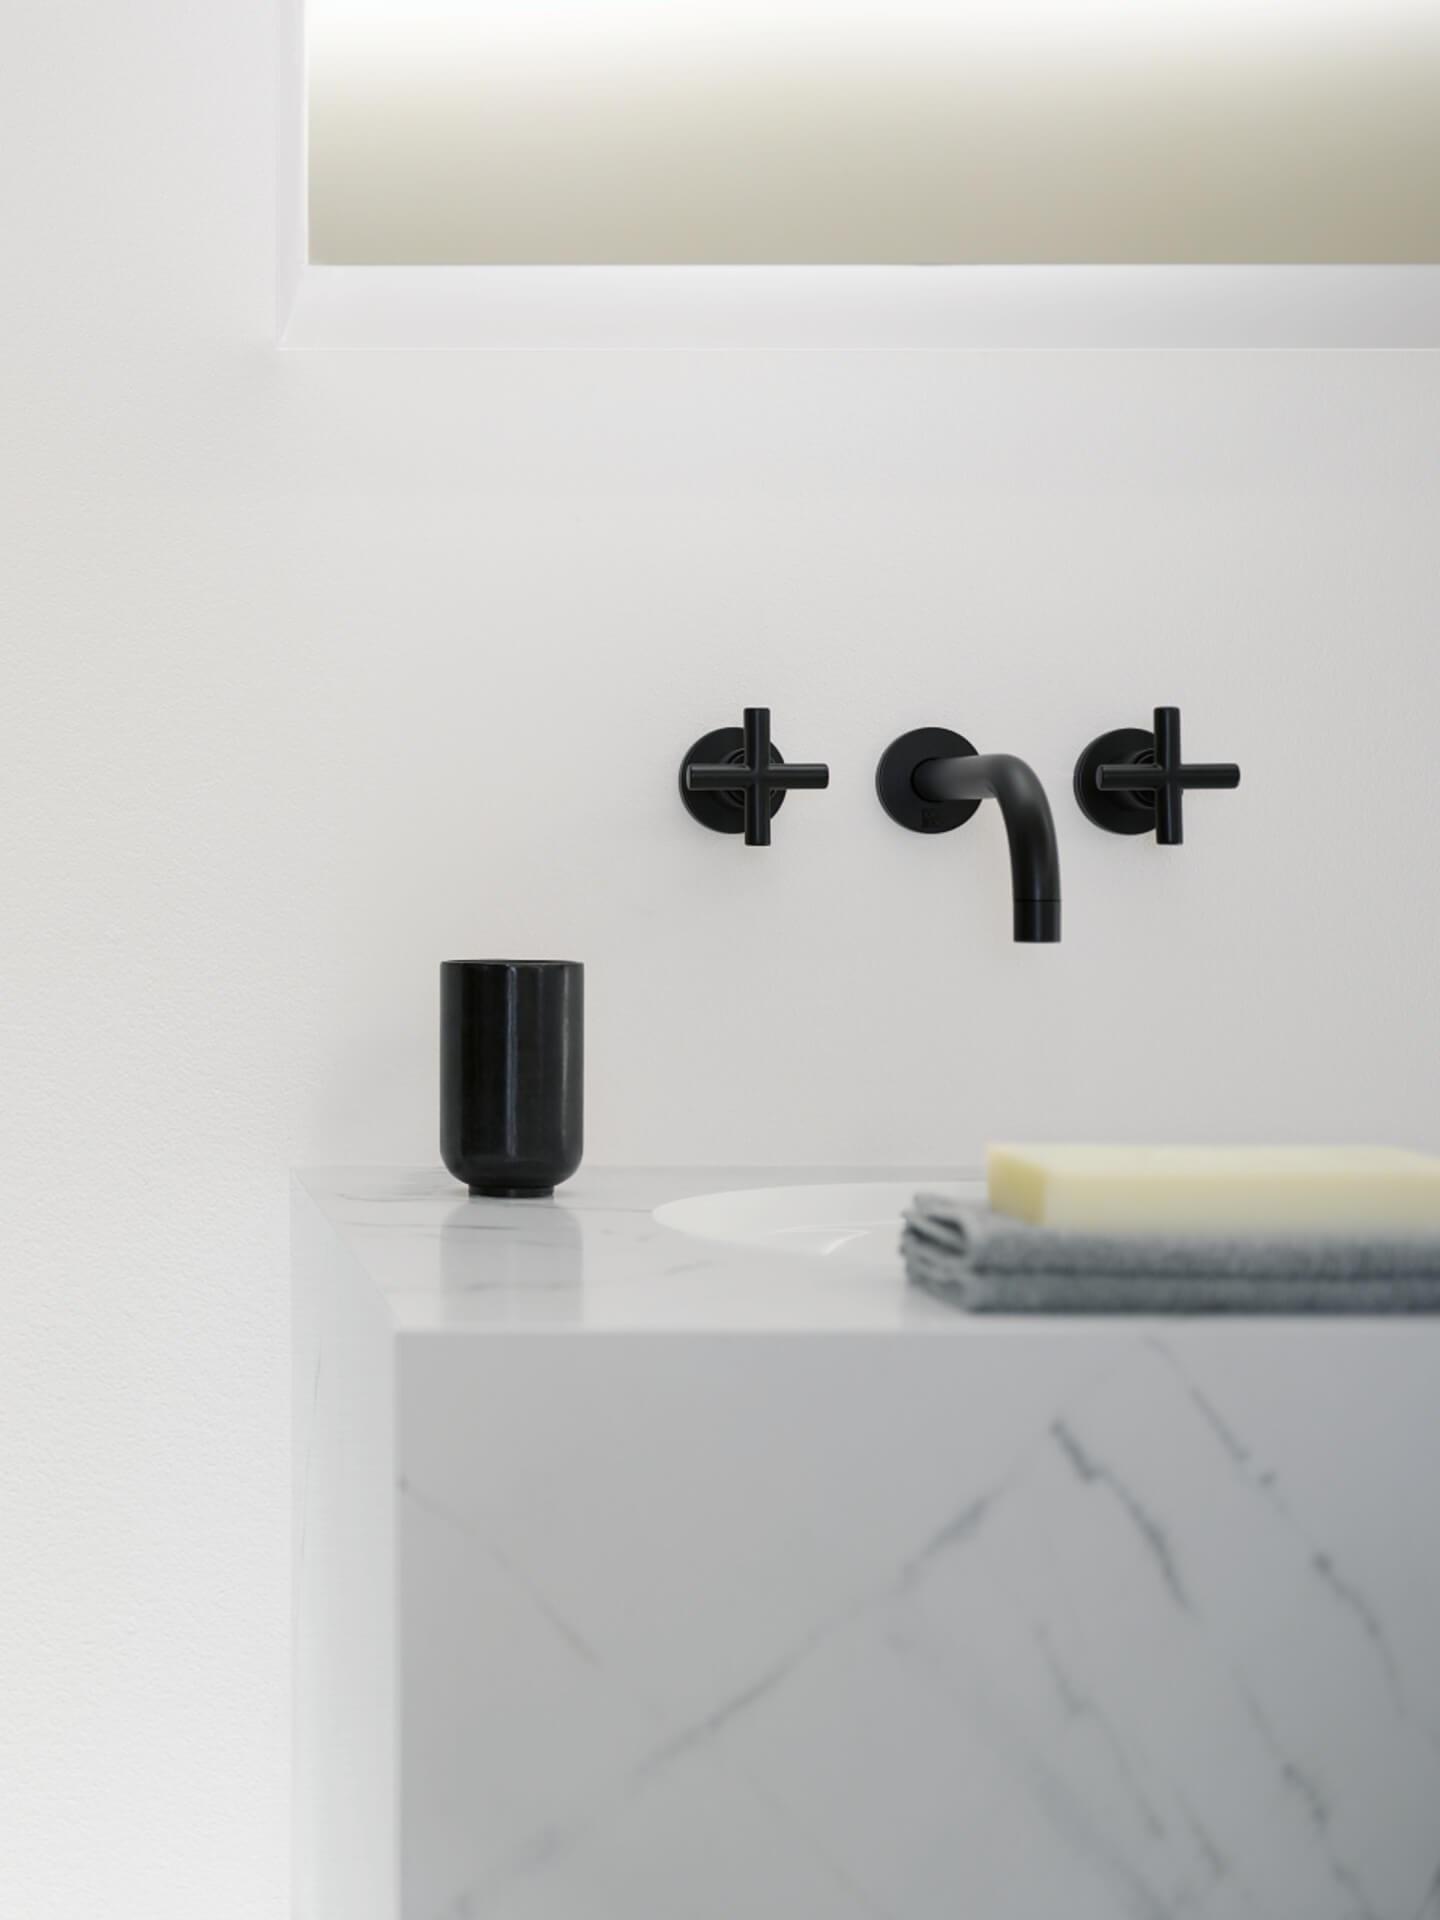 Miljøbilde Tara 36712892 veggmontert blandebatteri servantarmatur Dornbracht i sort på hvitt bad.